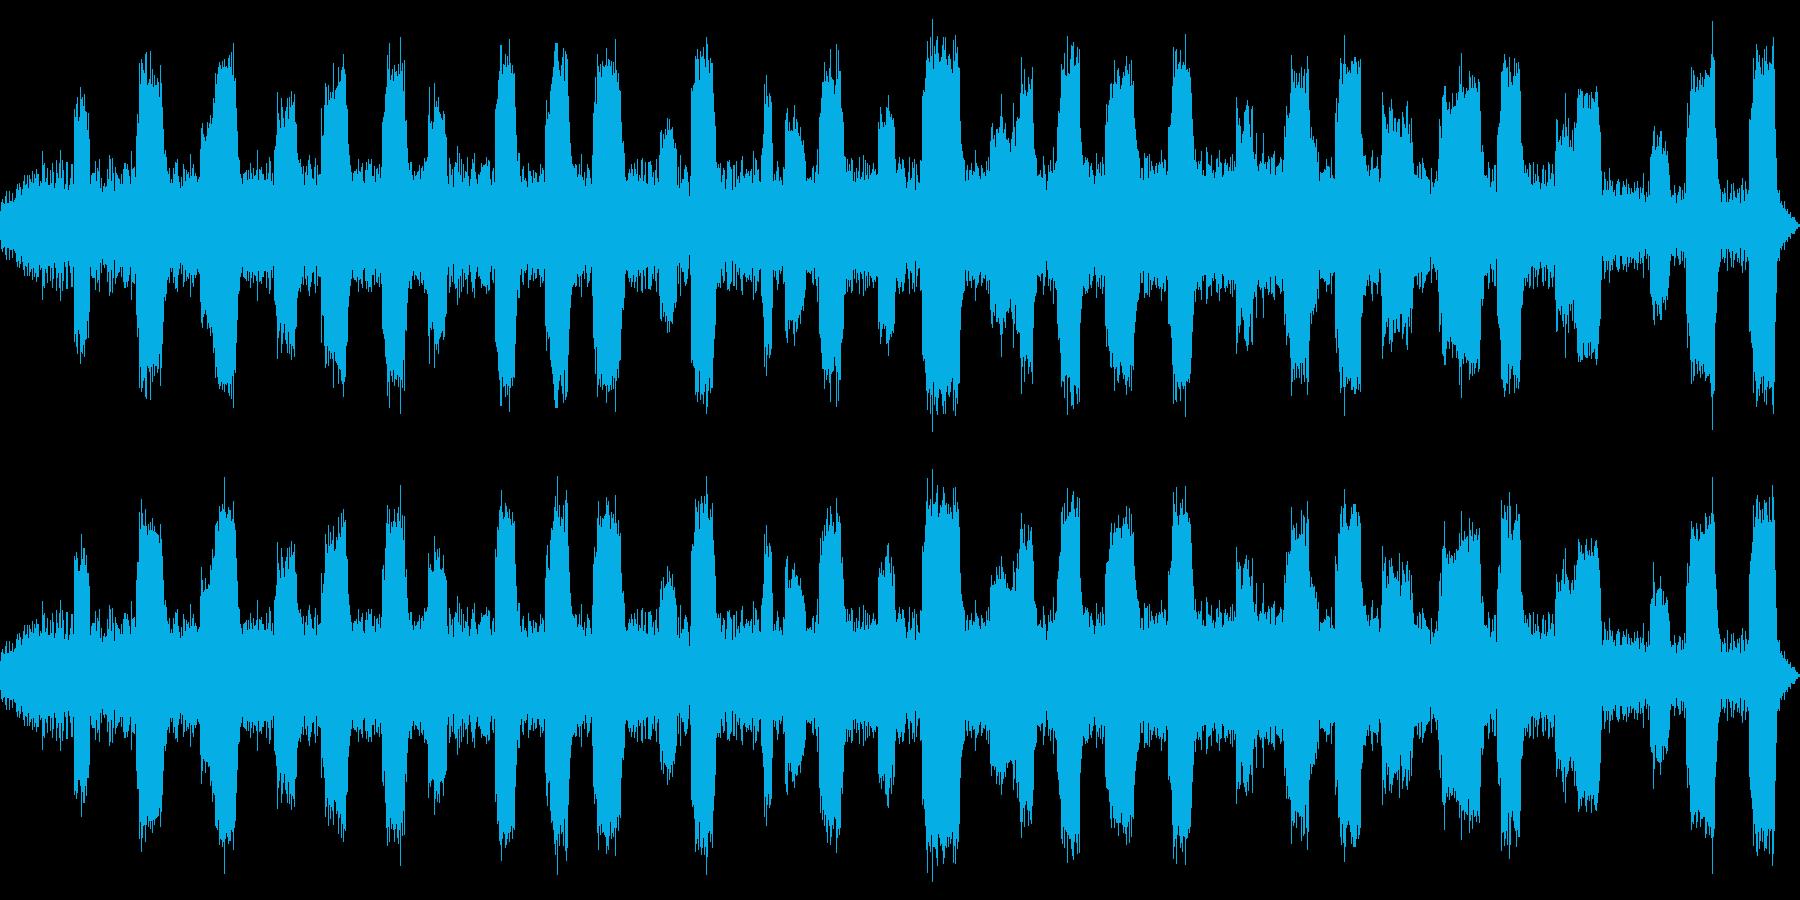 修理、工場イメージの環境音の再生済みの波形